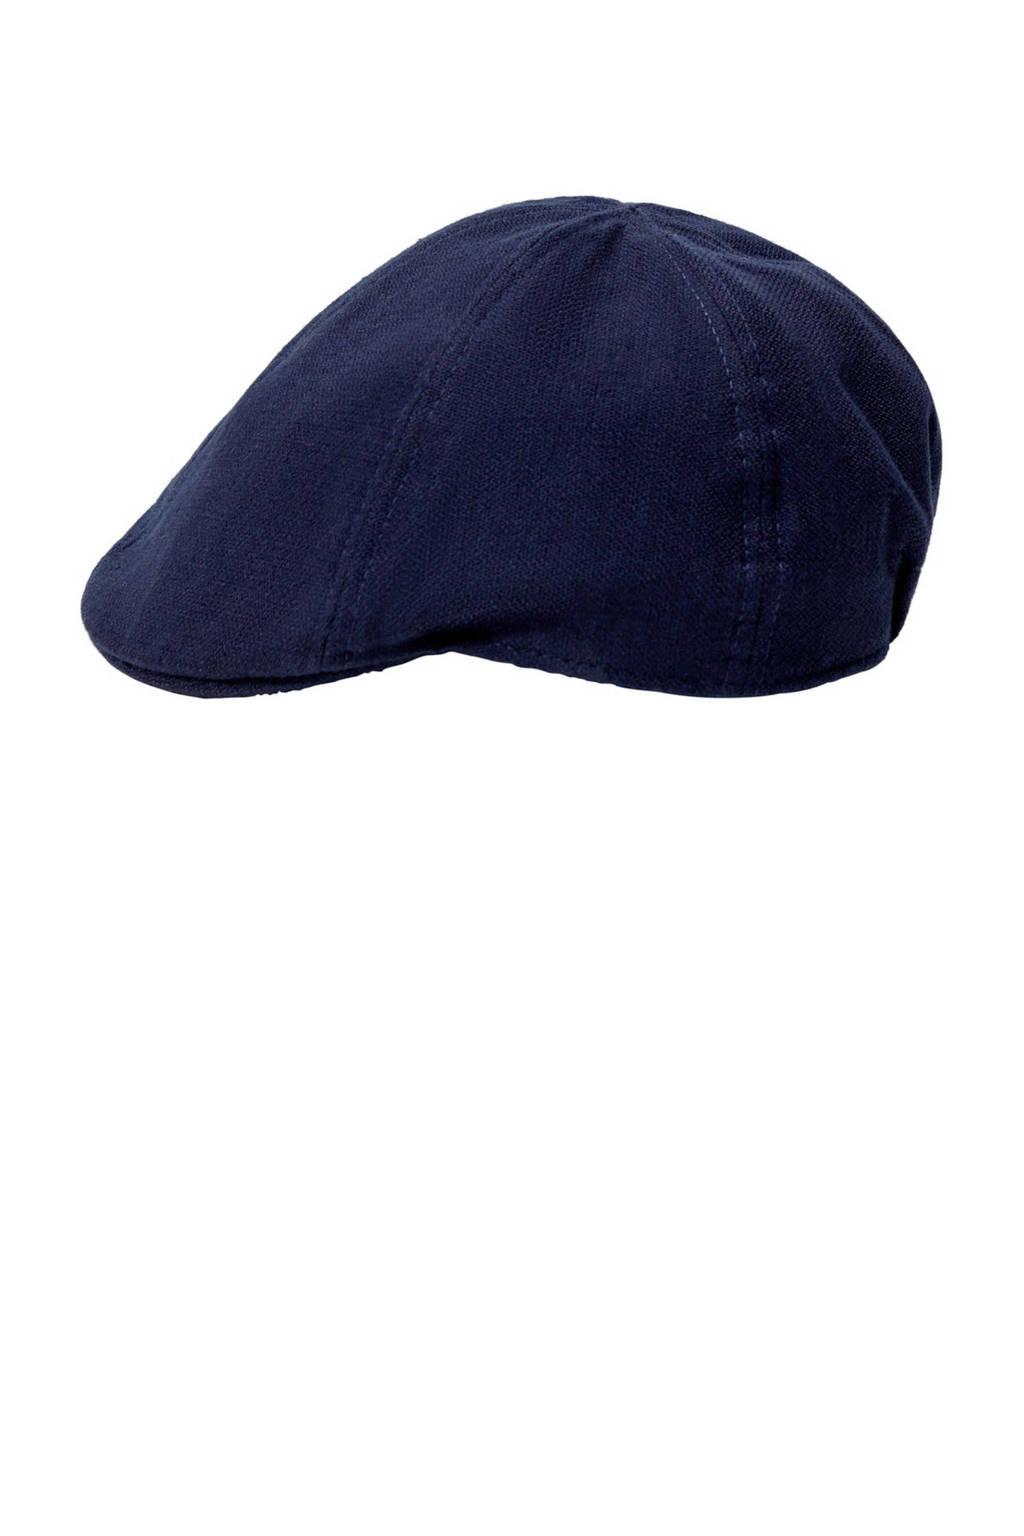 Mango Man flatcap donkerblauw, Marine